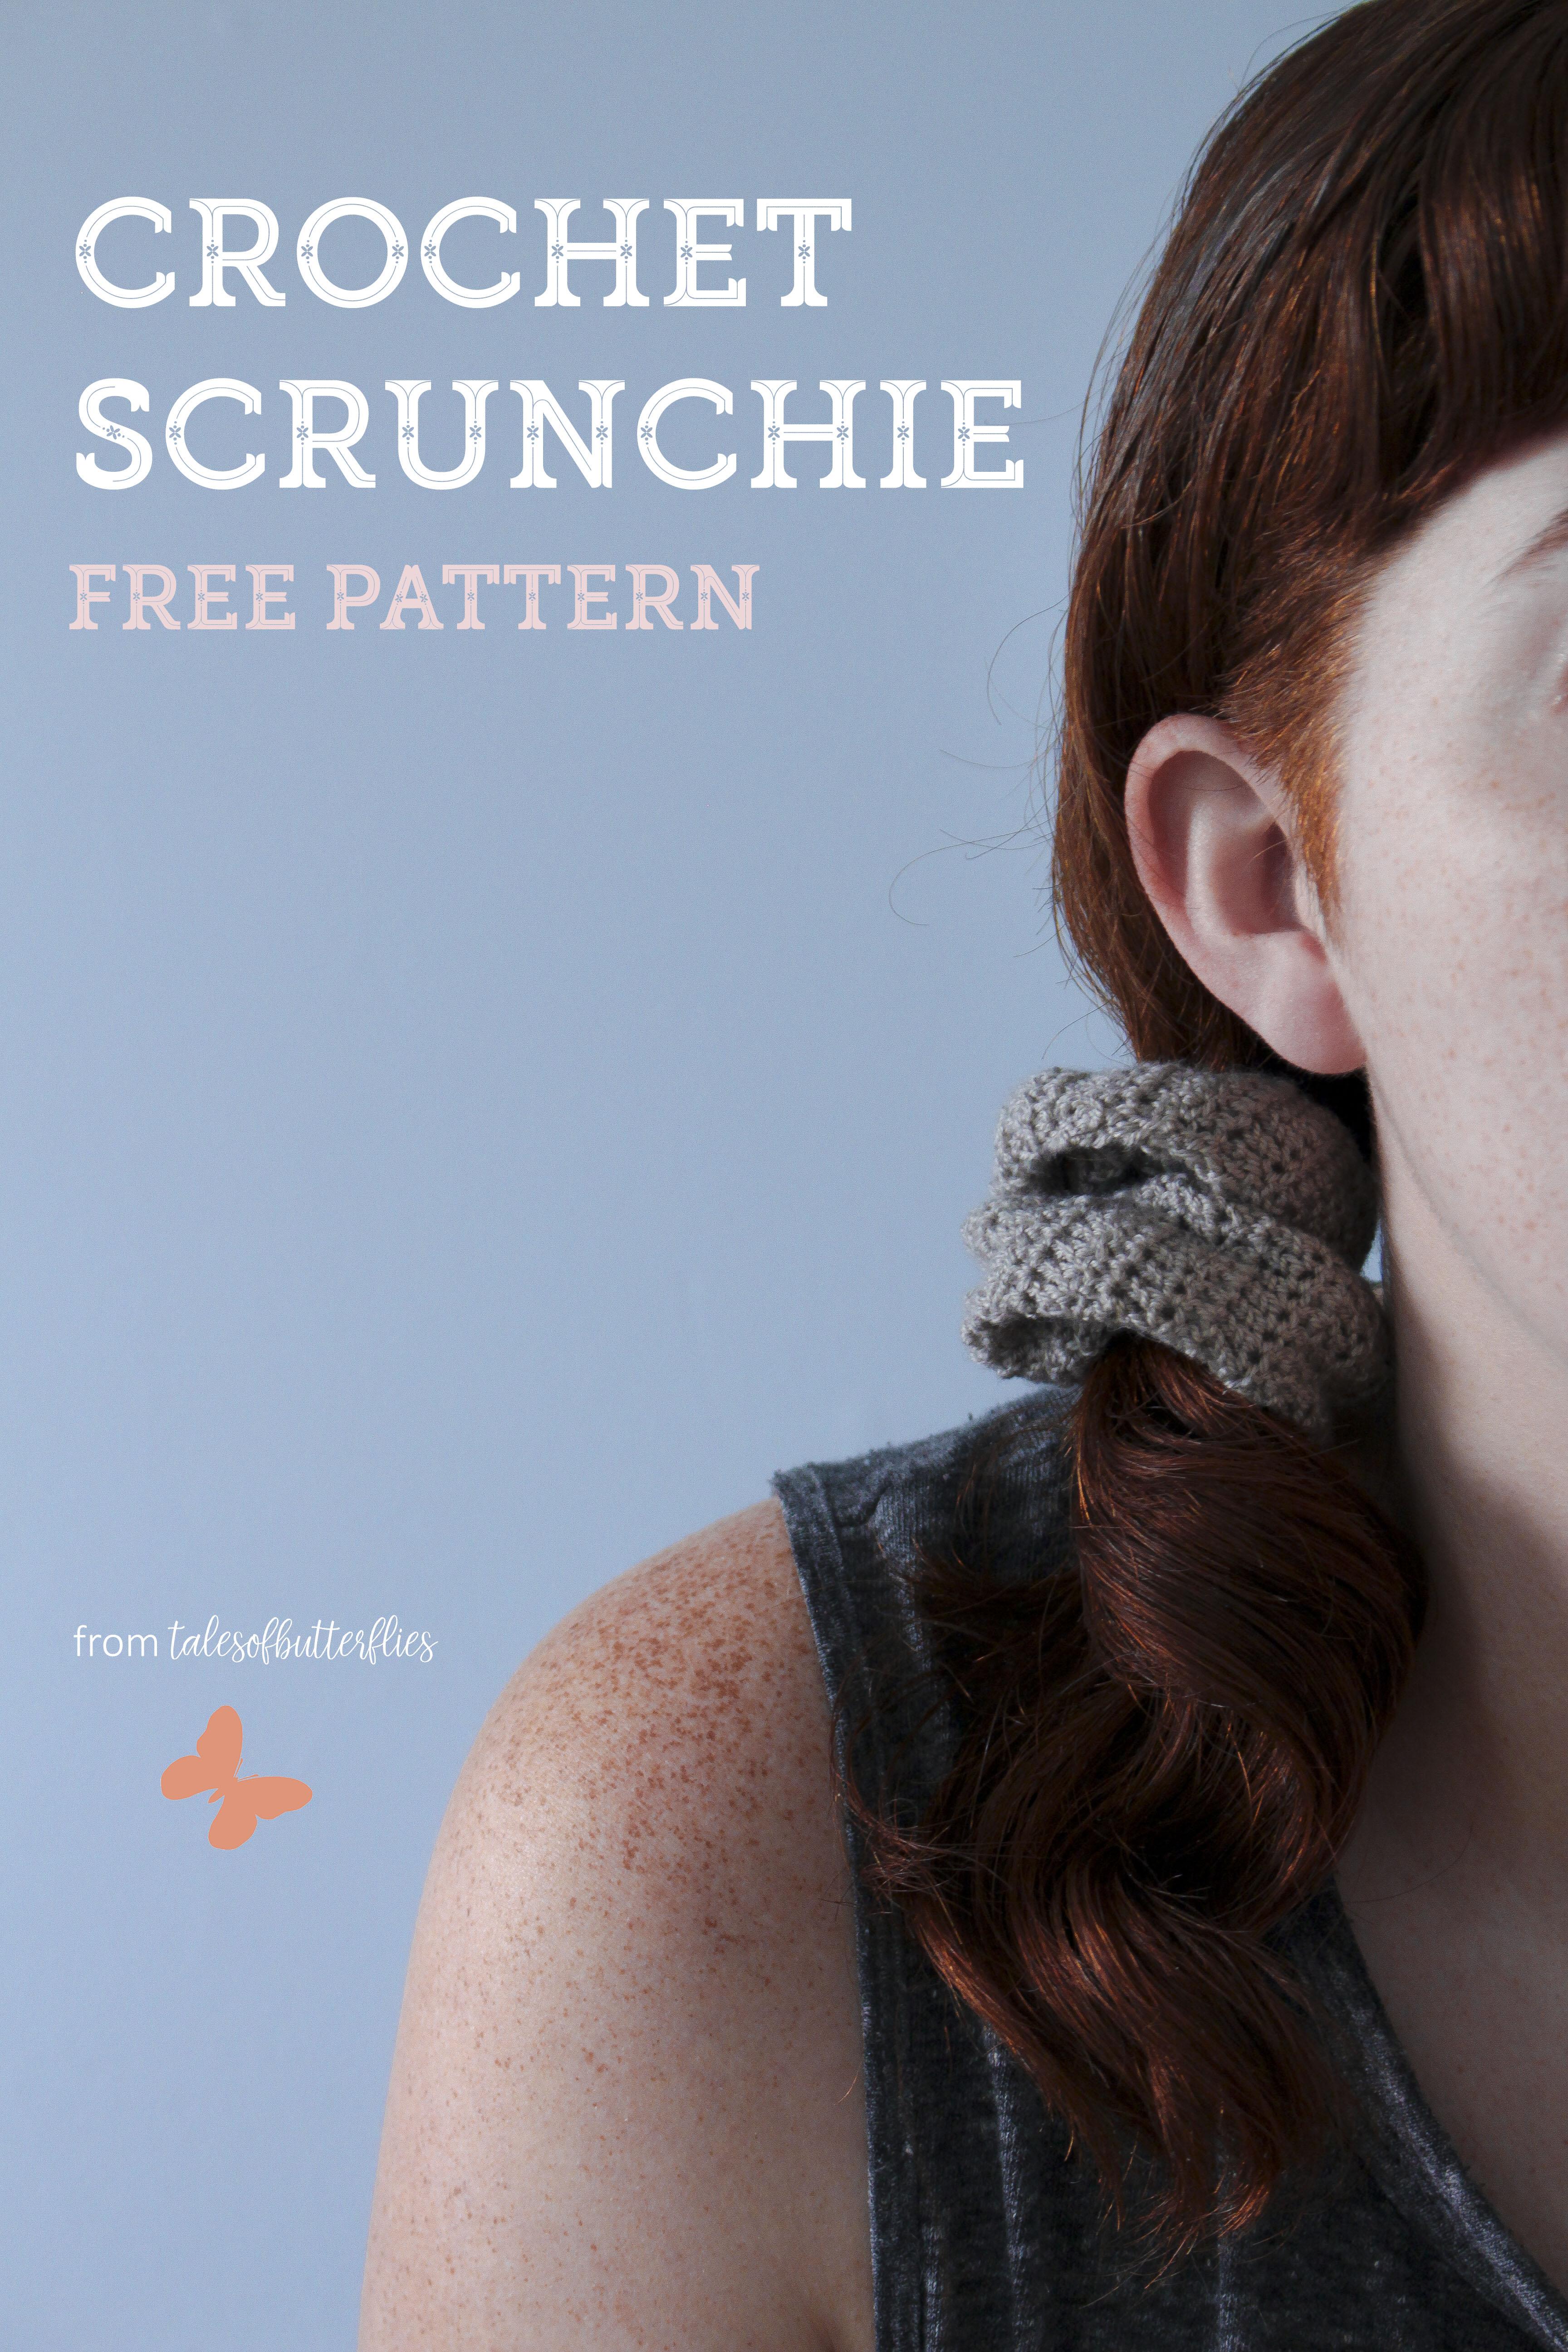 free crochet pattern Archives - Tales of Butterflies